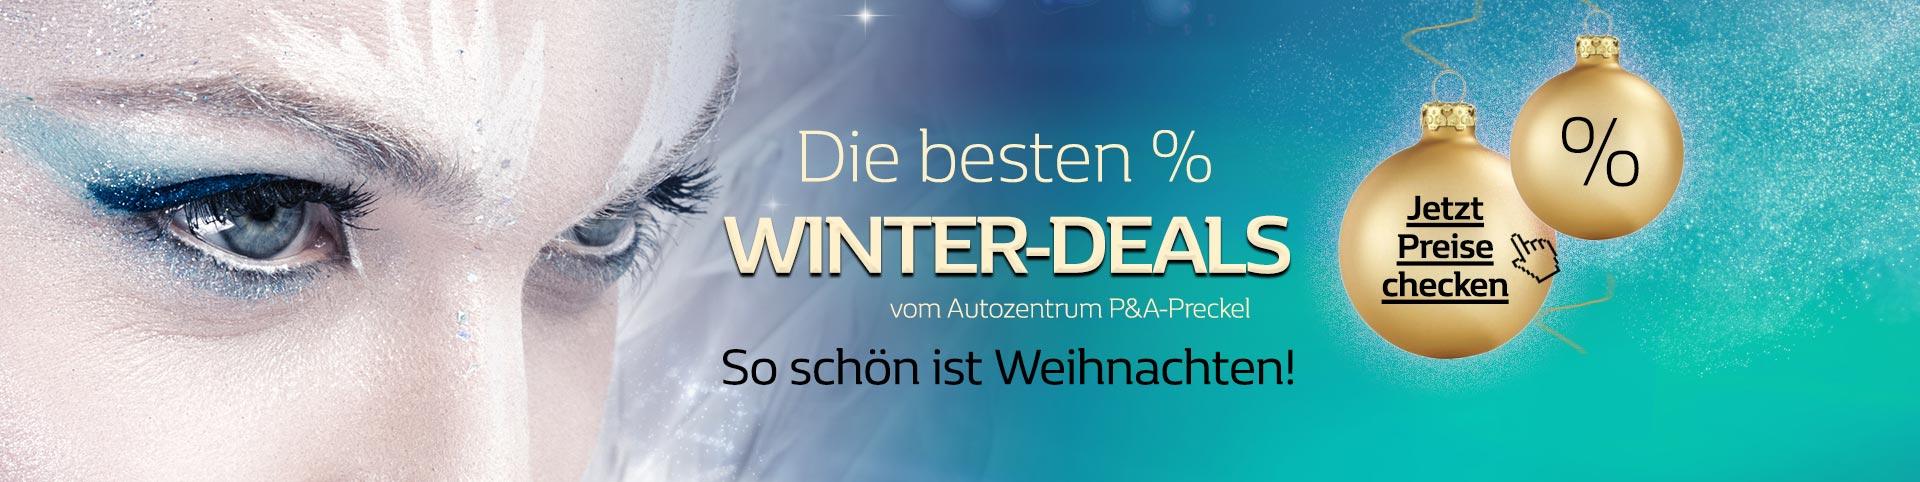 Die besten Winter-Angebote vom Autozentrum P&A-Preckel